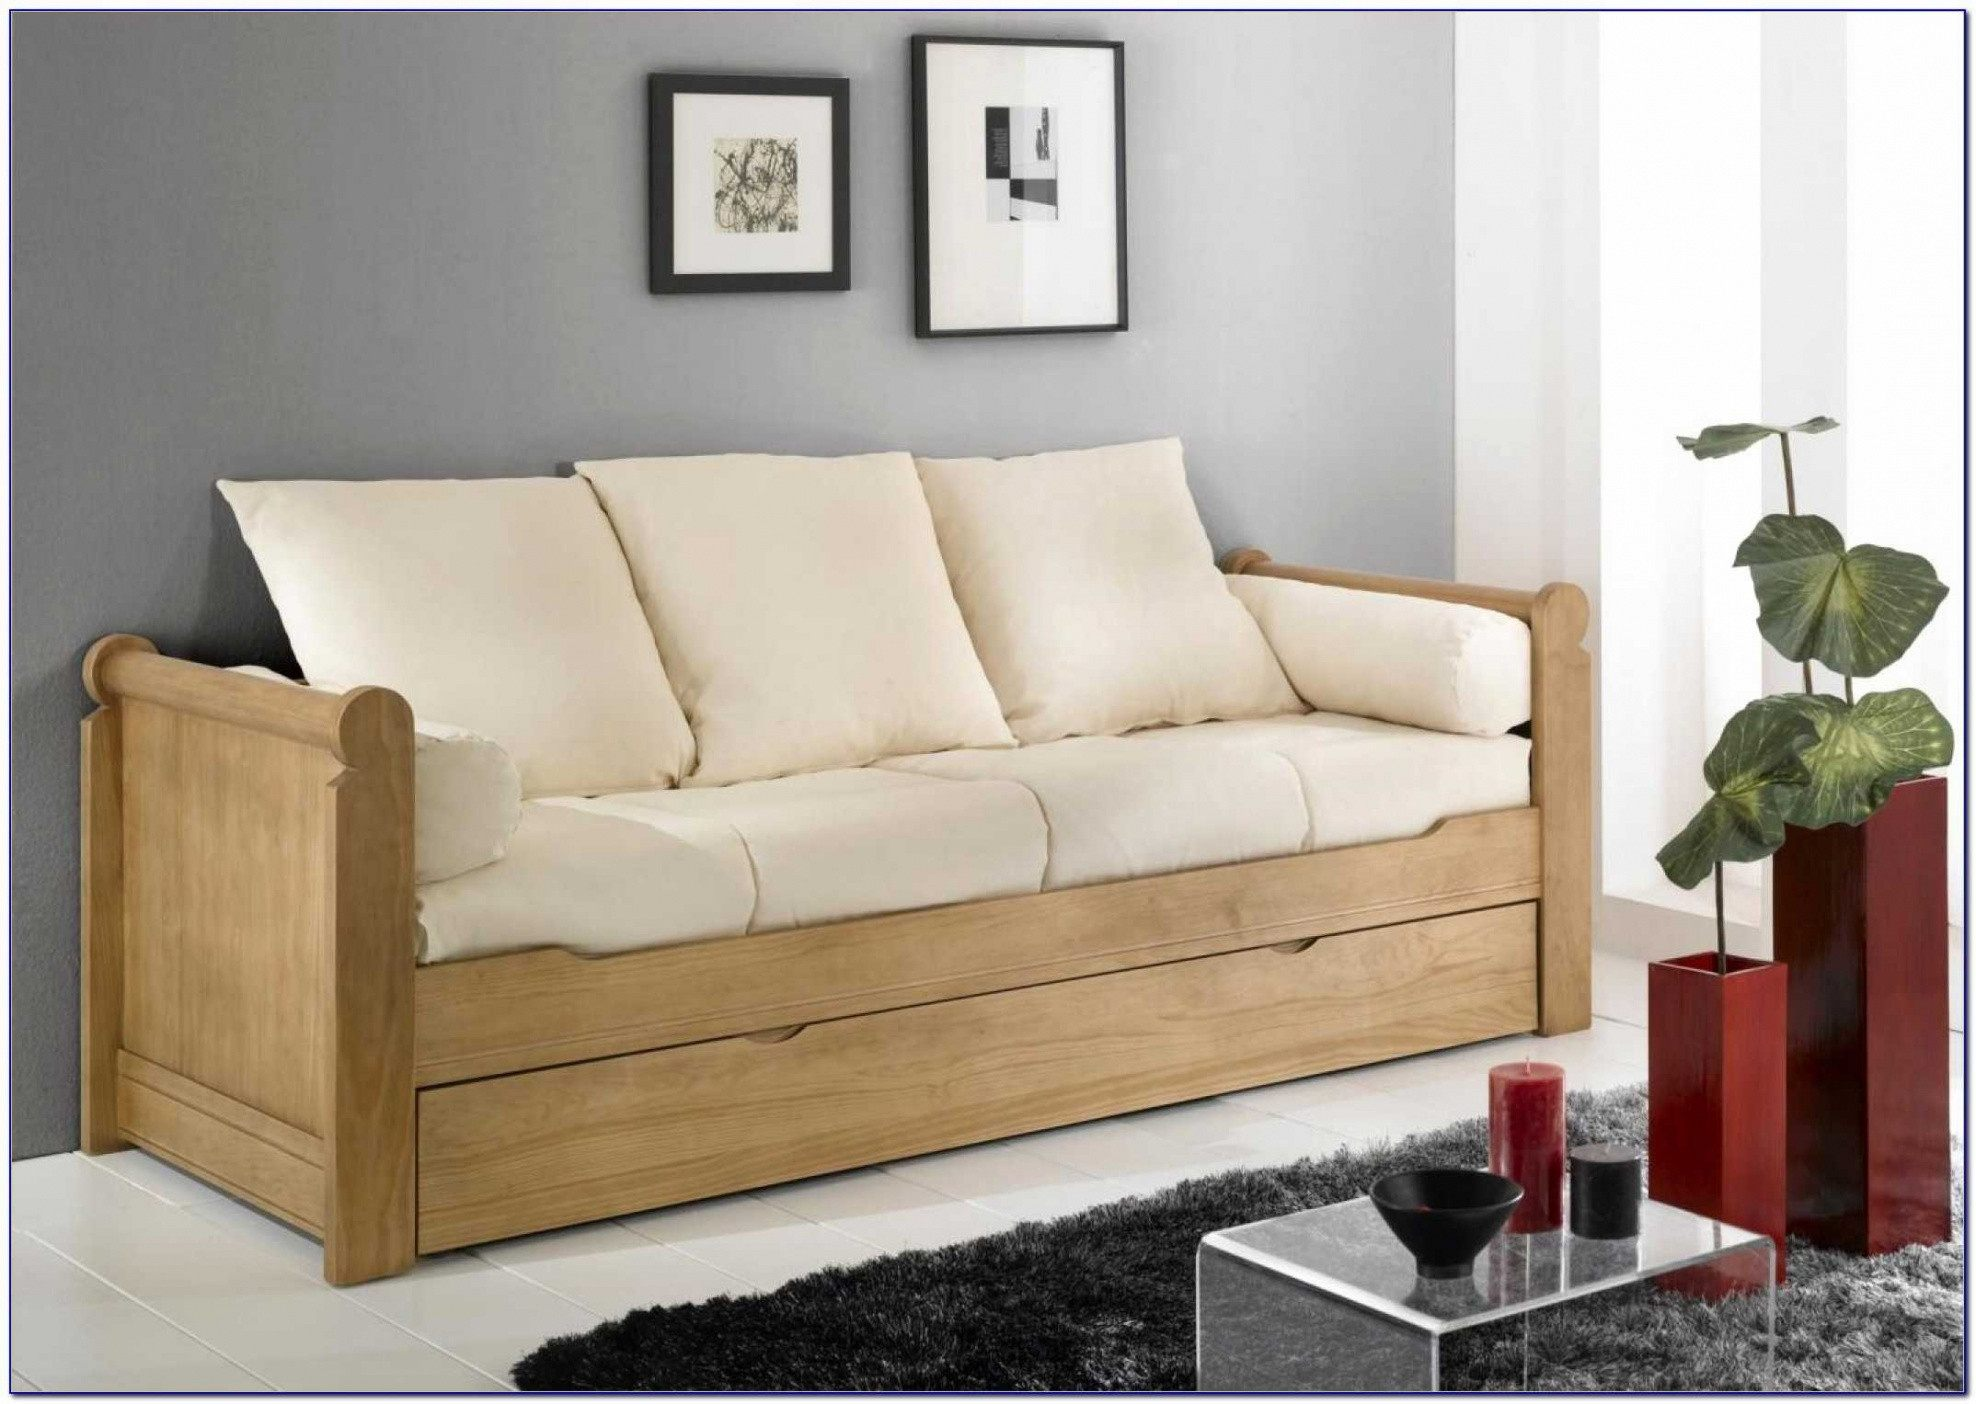 28 Impressionnant Canapé Rapido Ikea Bonnes Idées